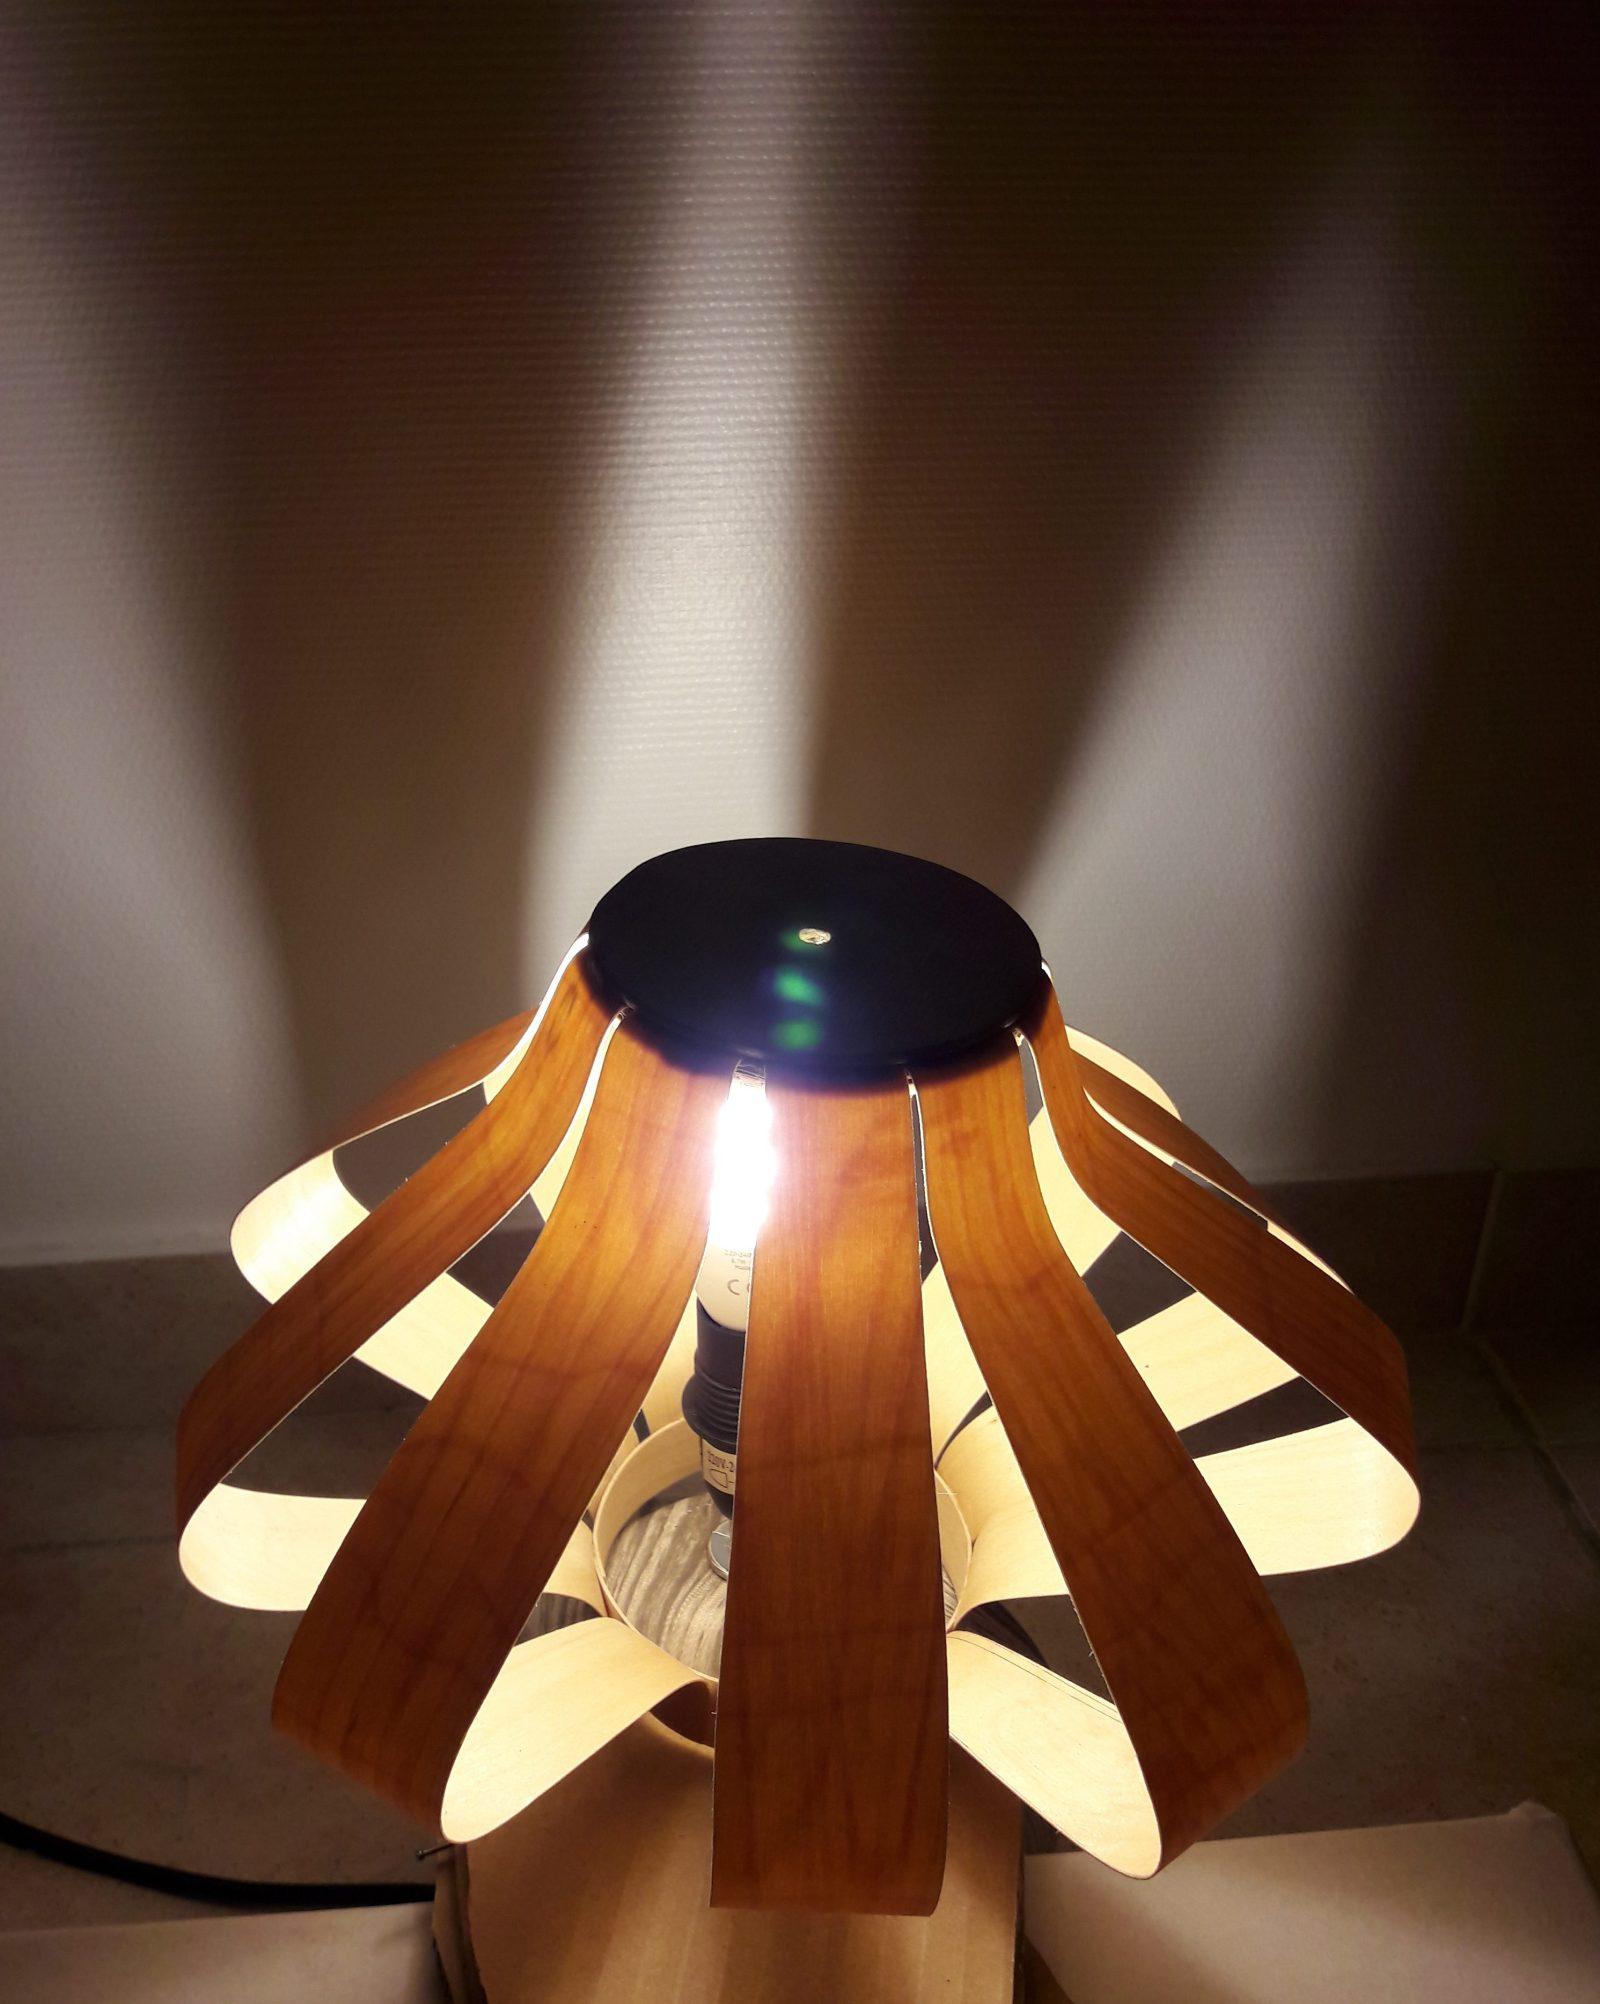 lames de bois fin, ajourées, belle suspension ou abat-jour, ambiance chaude, et jeux de lumière, une création artisanale par l'atelier kobo creations, veinages,ou lampe de chevet